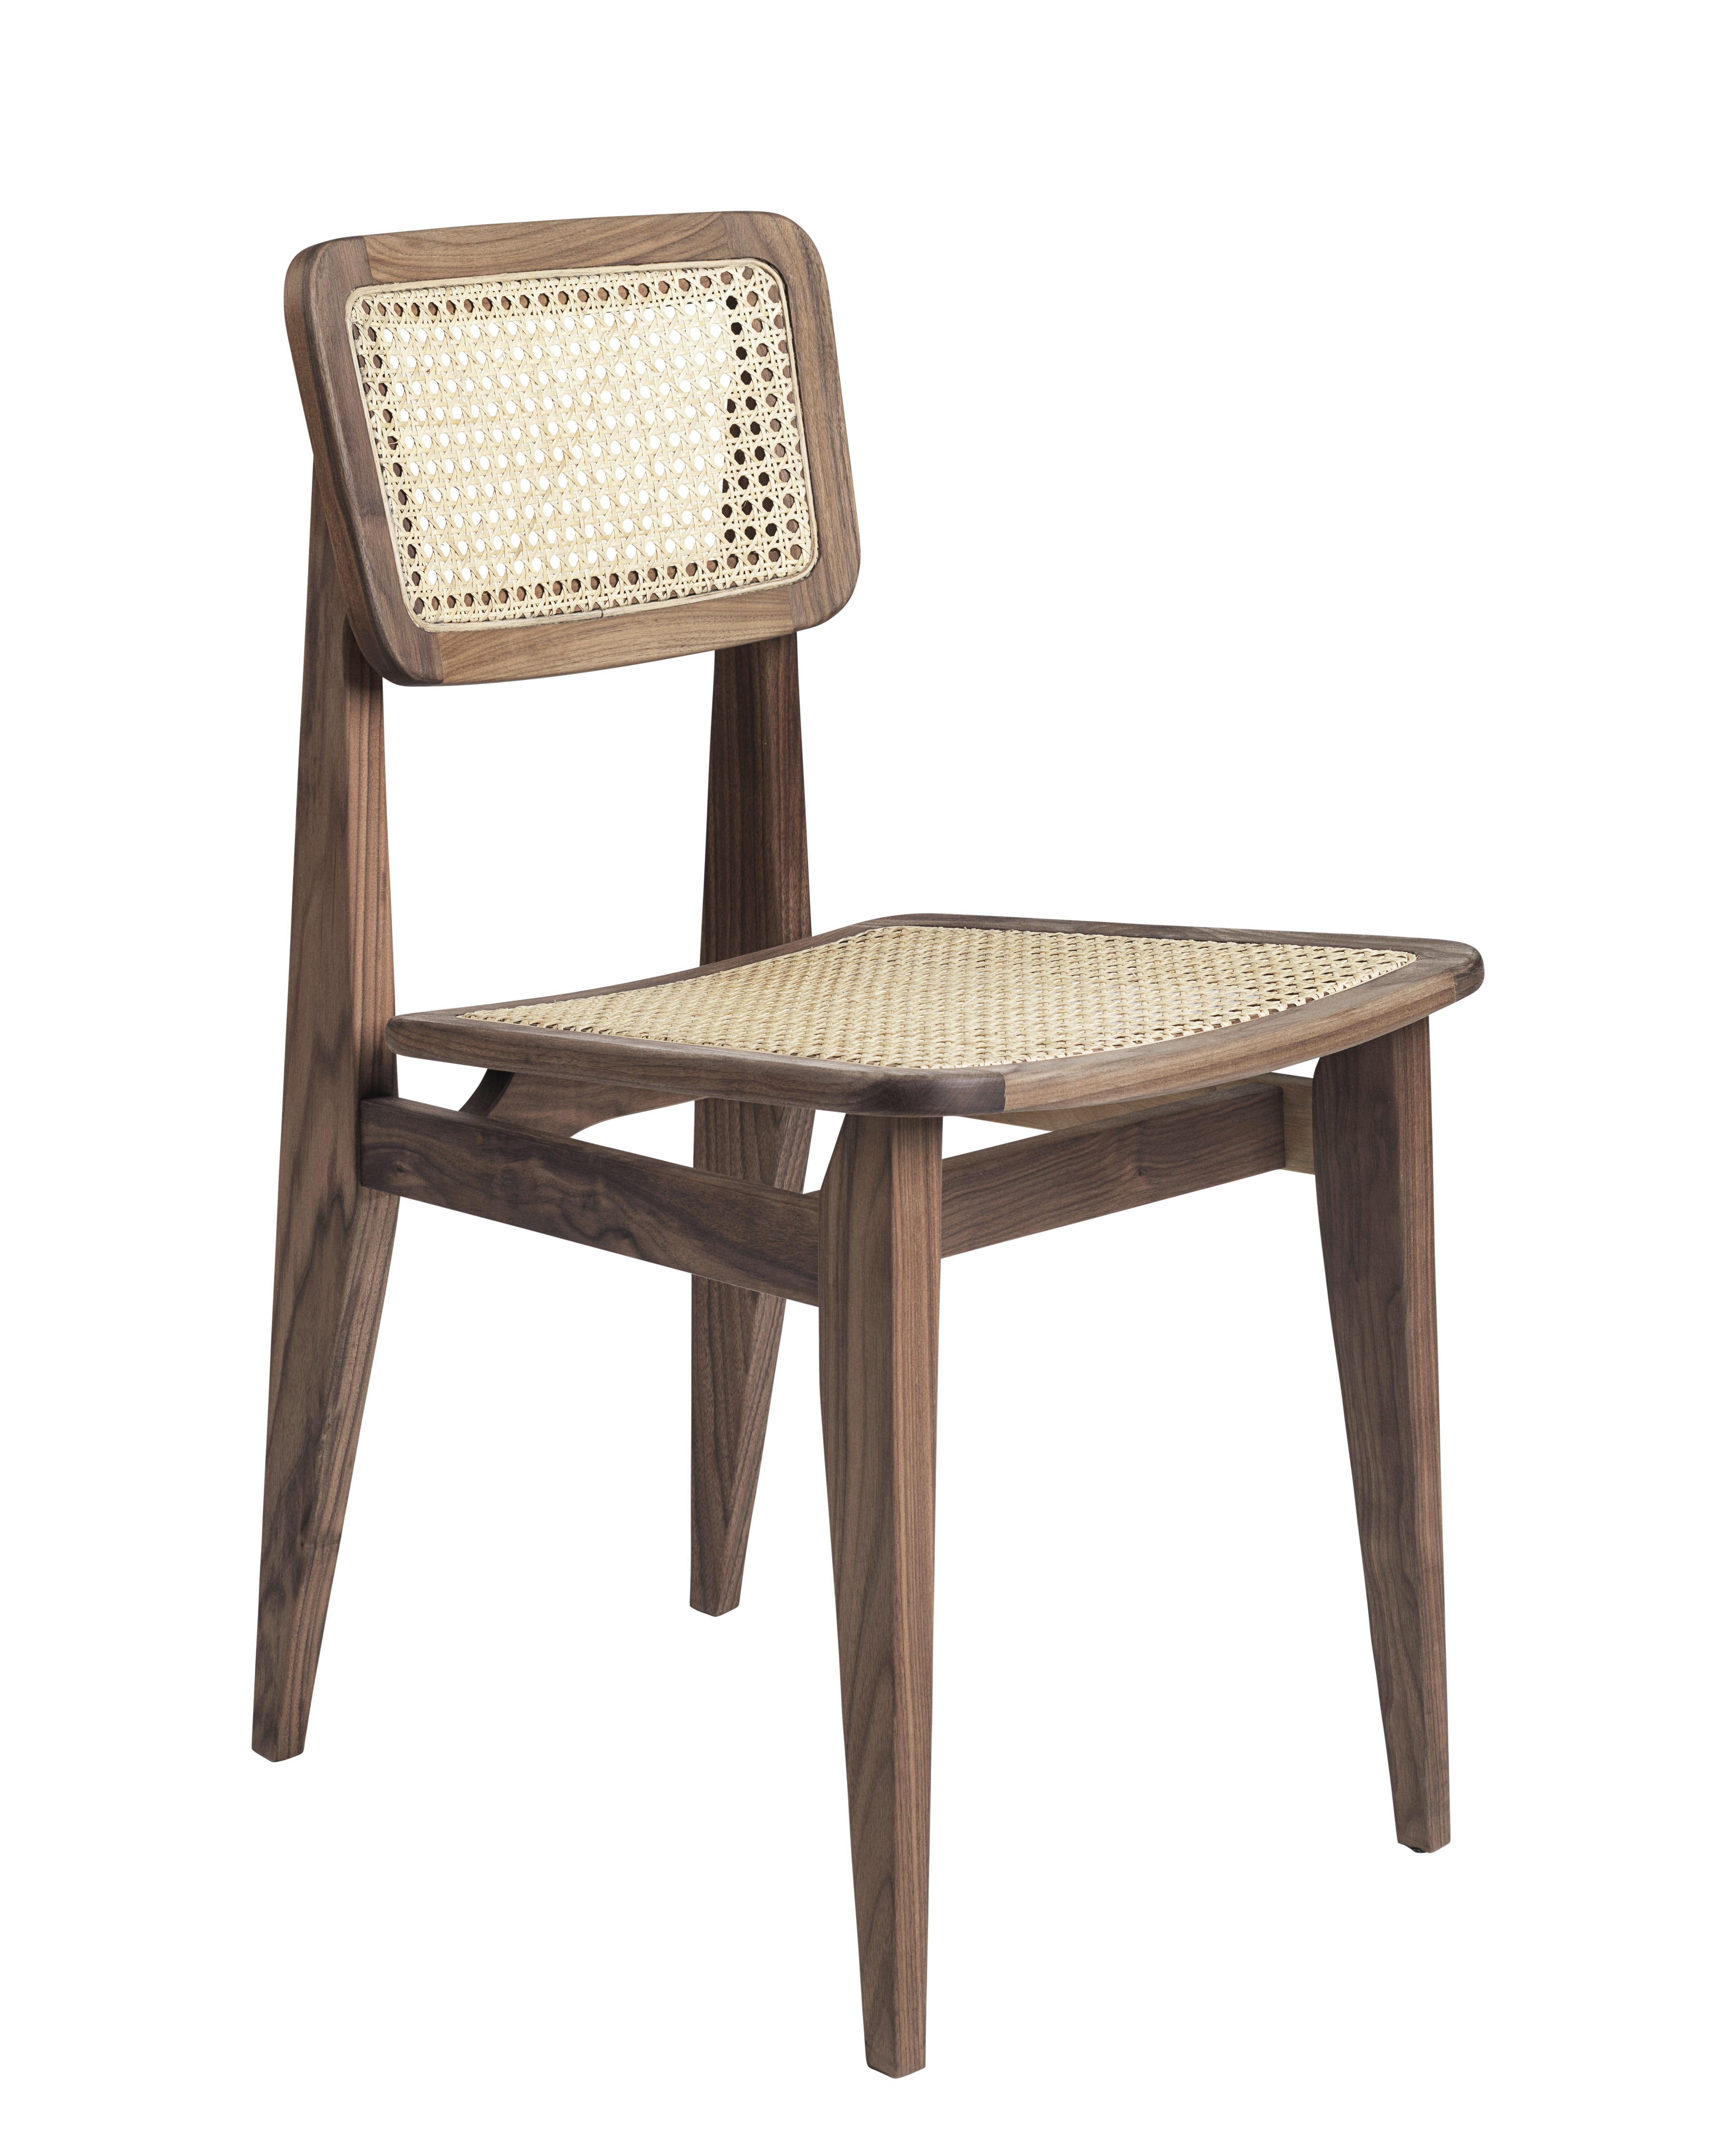 Mobilier - Chaises, fauteuils de salle à manger - Chaise C-Chair / Cannage - Réédition 1947 - Gubi - Cannage naturel / Noyer - Cannage de rotin, Noyer